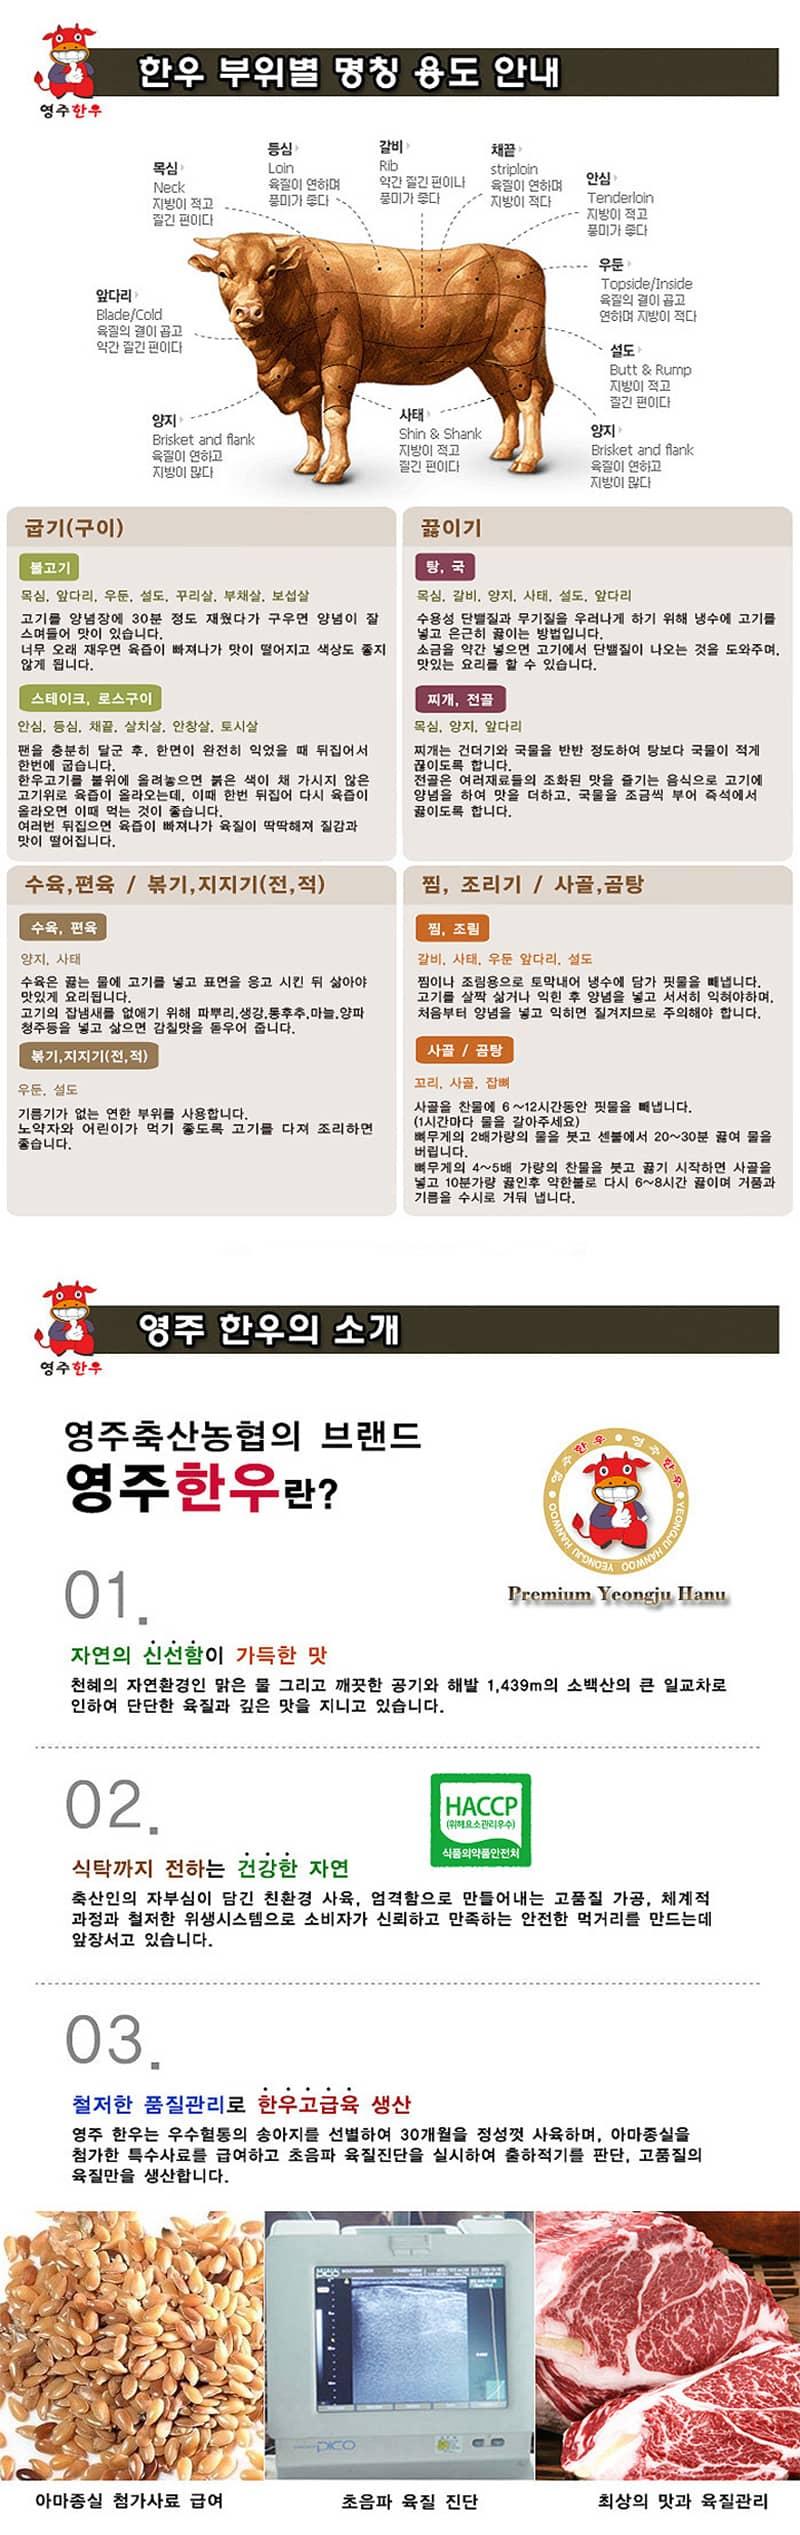 yeongjuchughyeob-yeongju_hanu_teugseon_4ho_detail_800_5.jpg